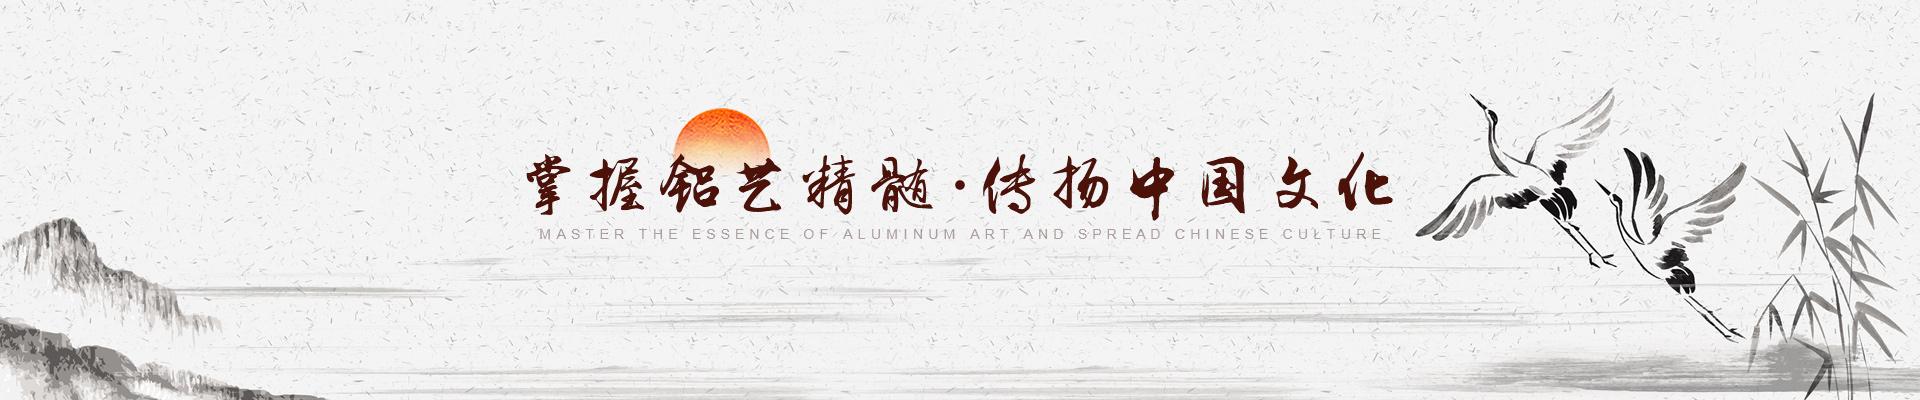 鑫泰阳:掌握铝艺精髓 传扬中国文化